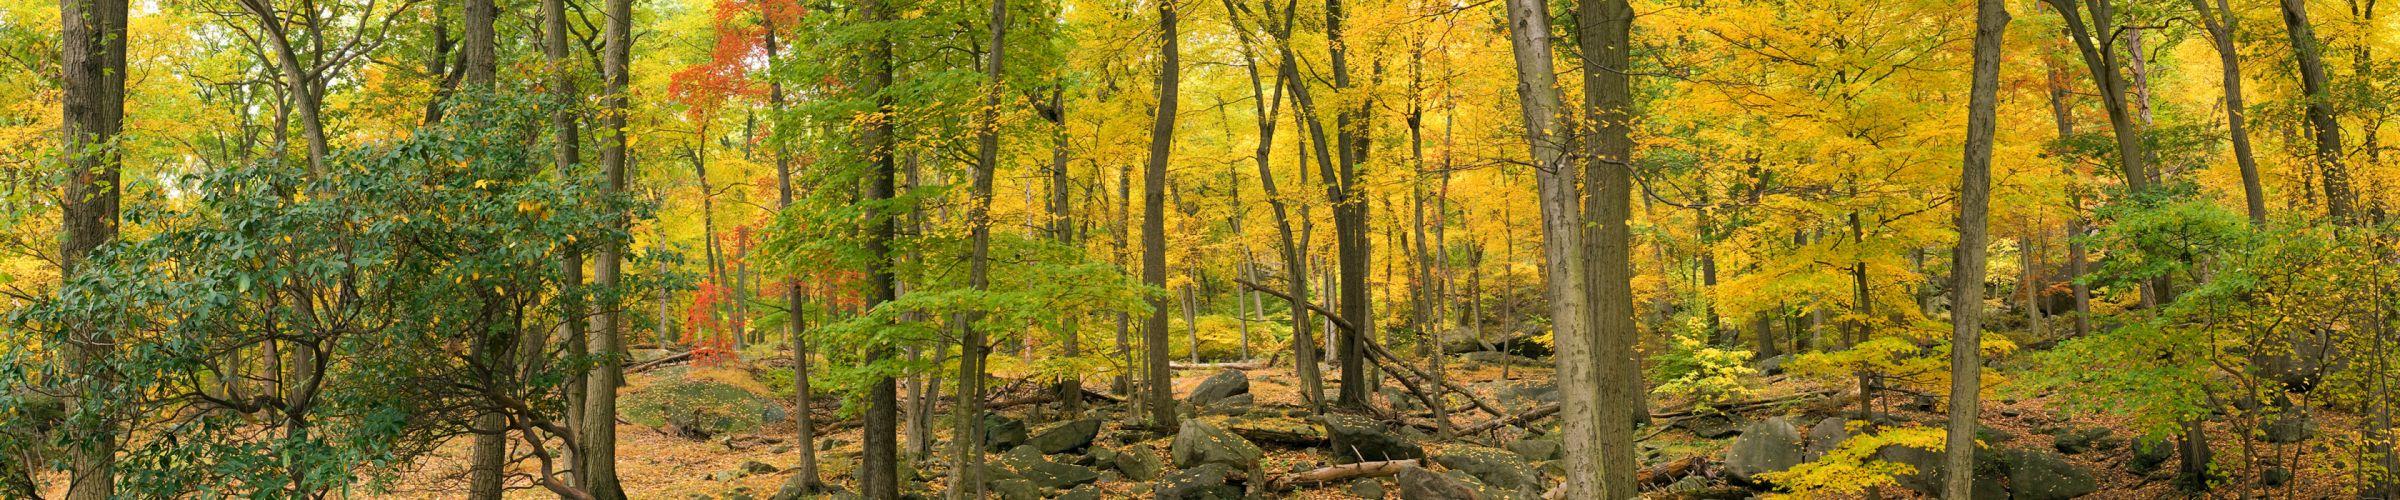 autumn forest g wallpaper